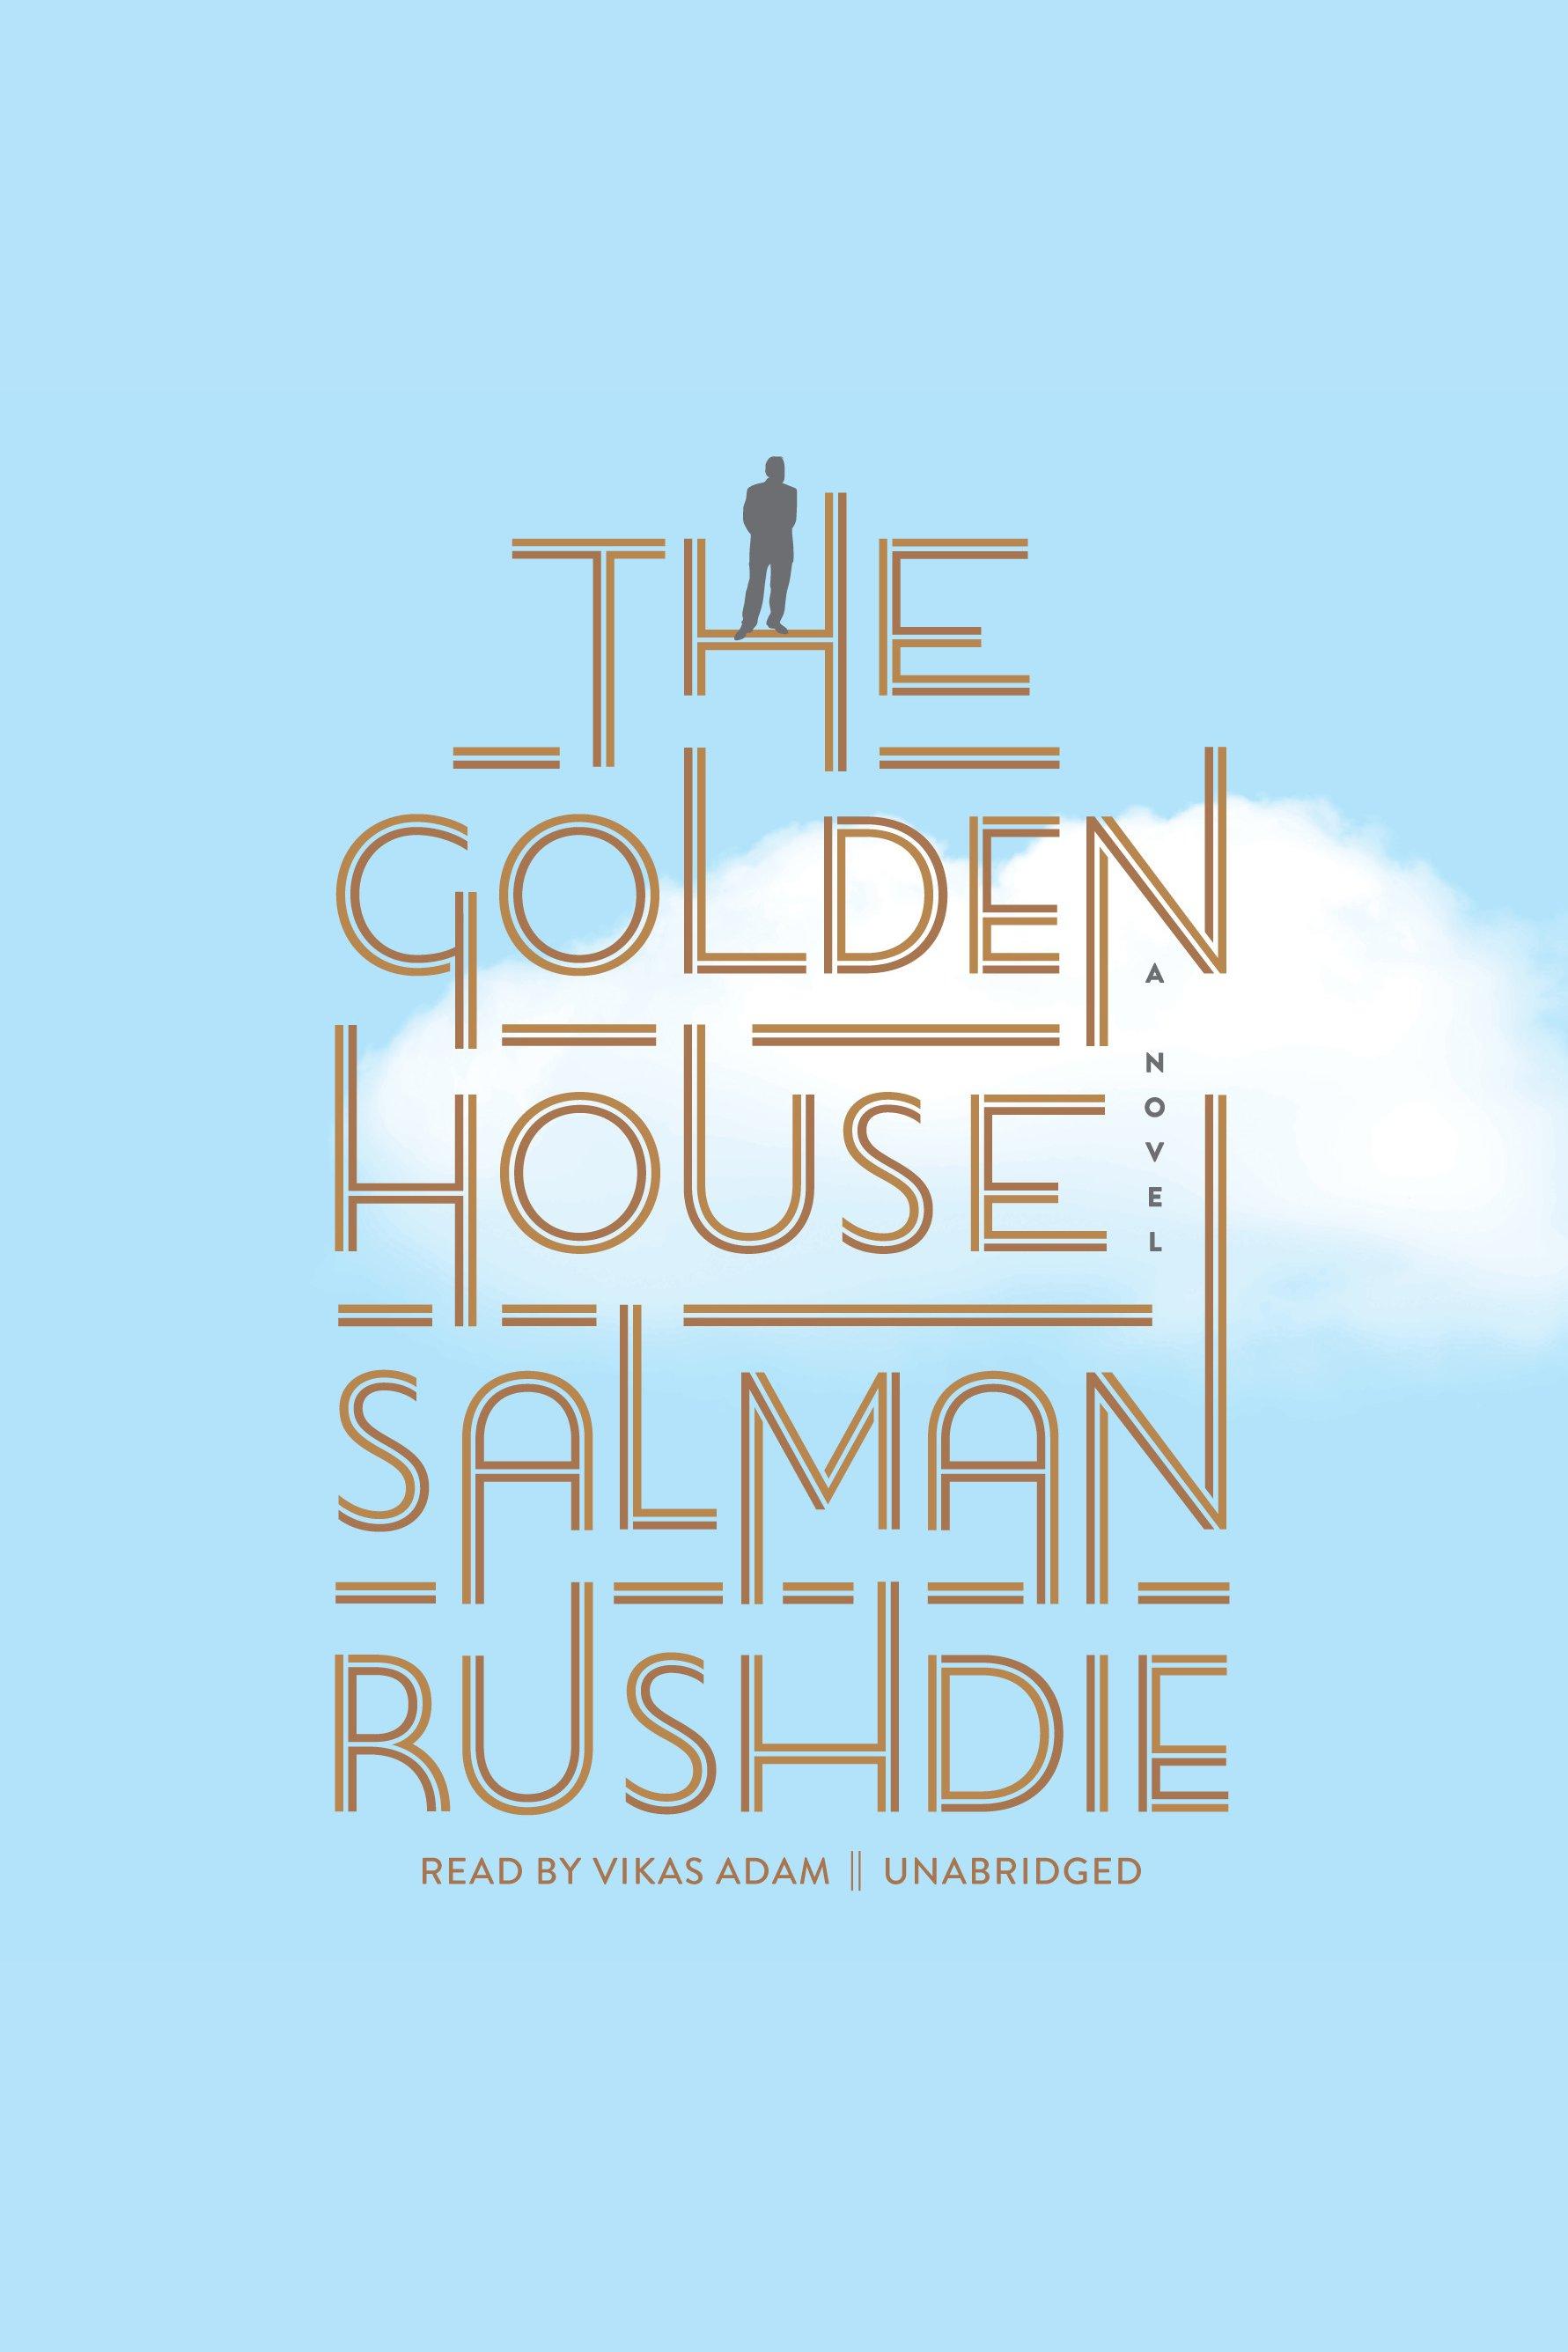 Golden House, The A Novel